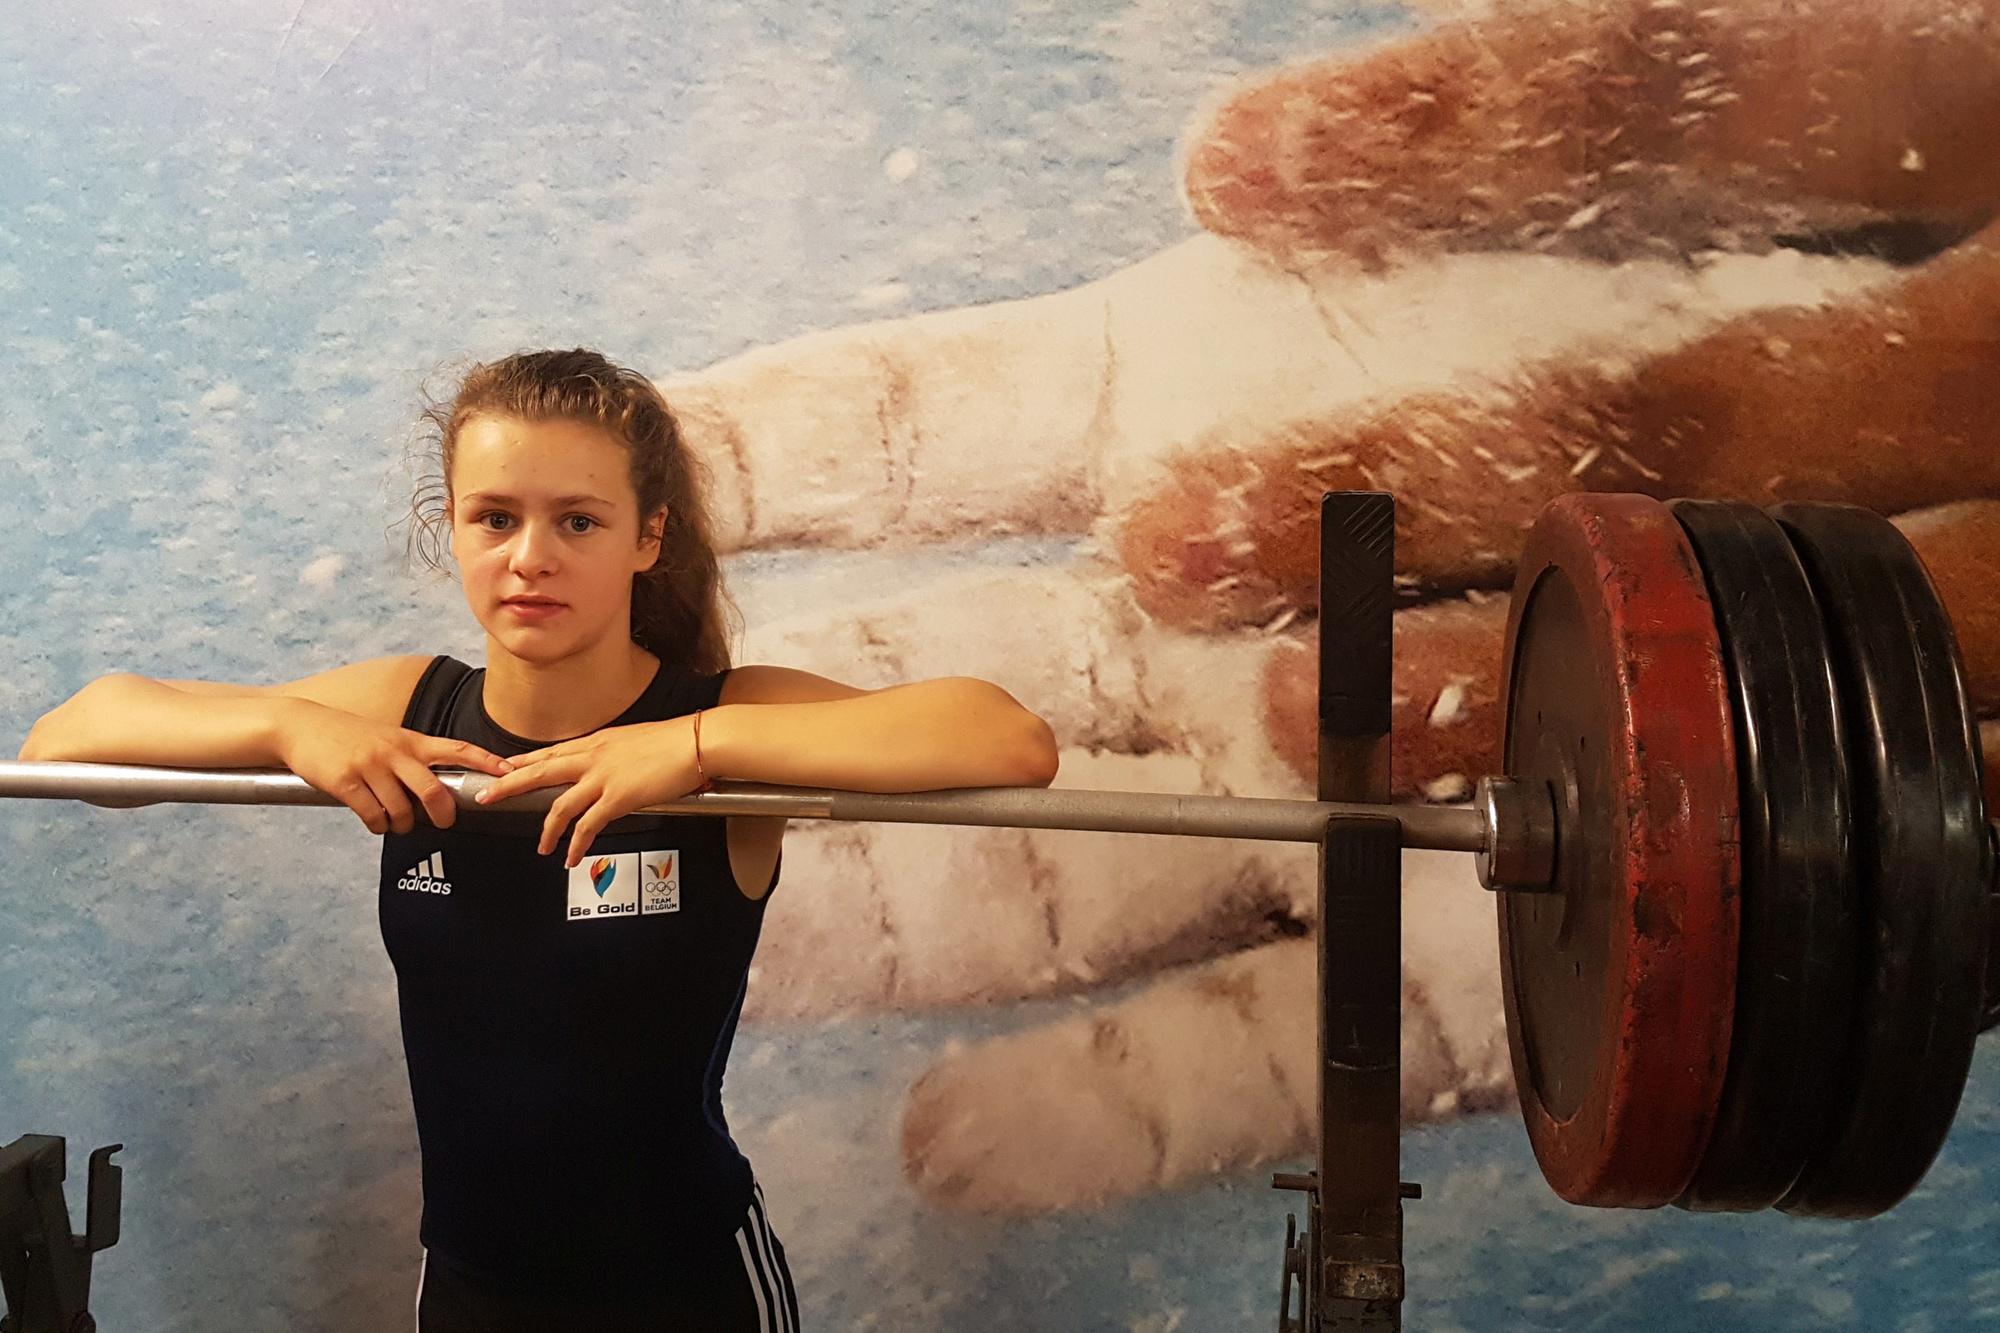 Nina Sterckx moet voor Belgische medailles zorgen in het gewichtheffen., Belga Image